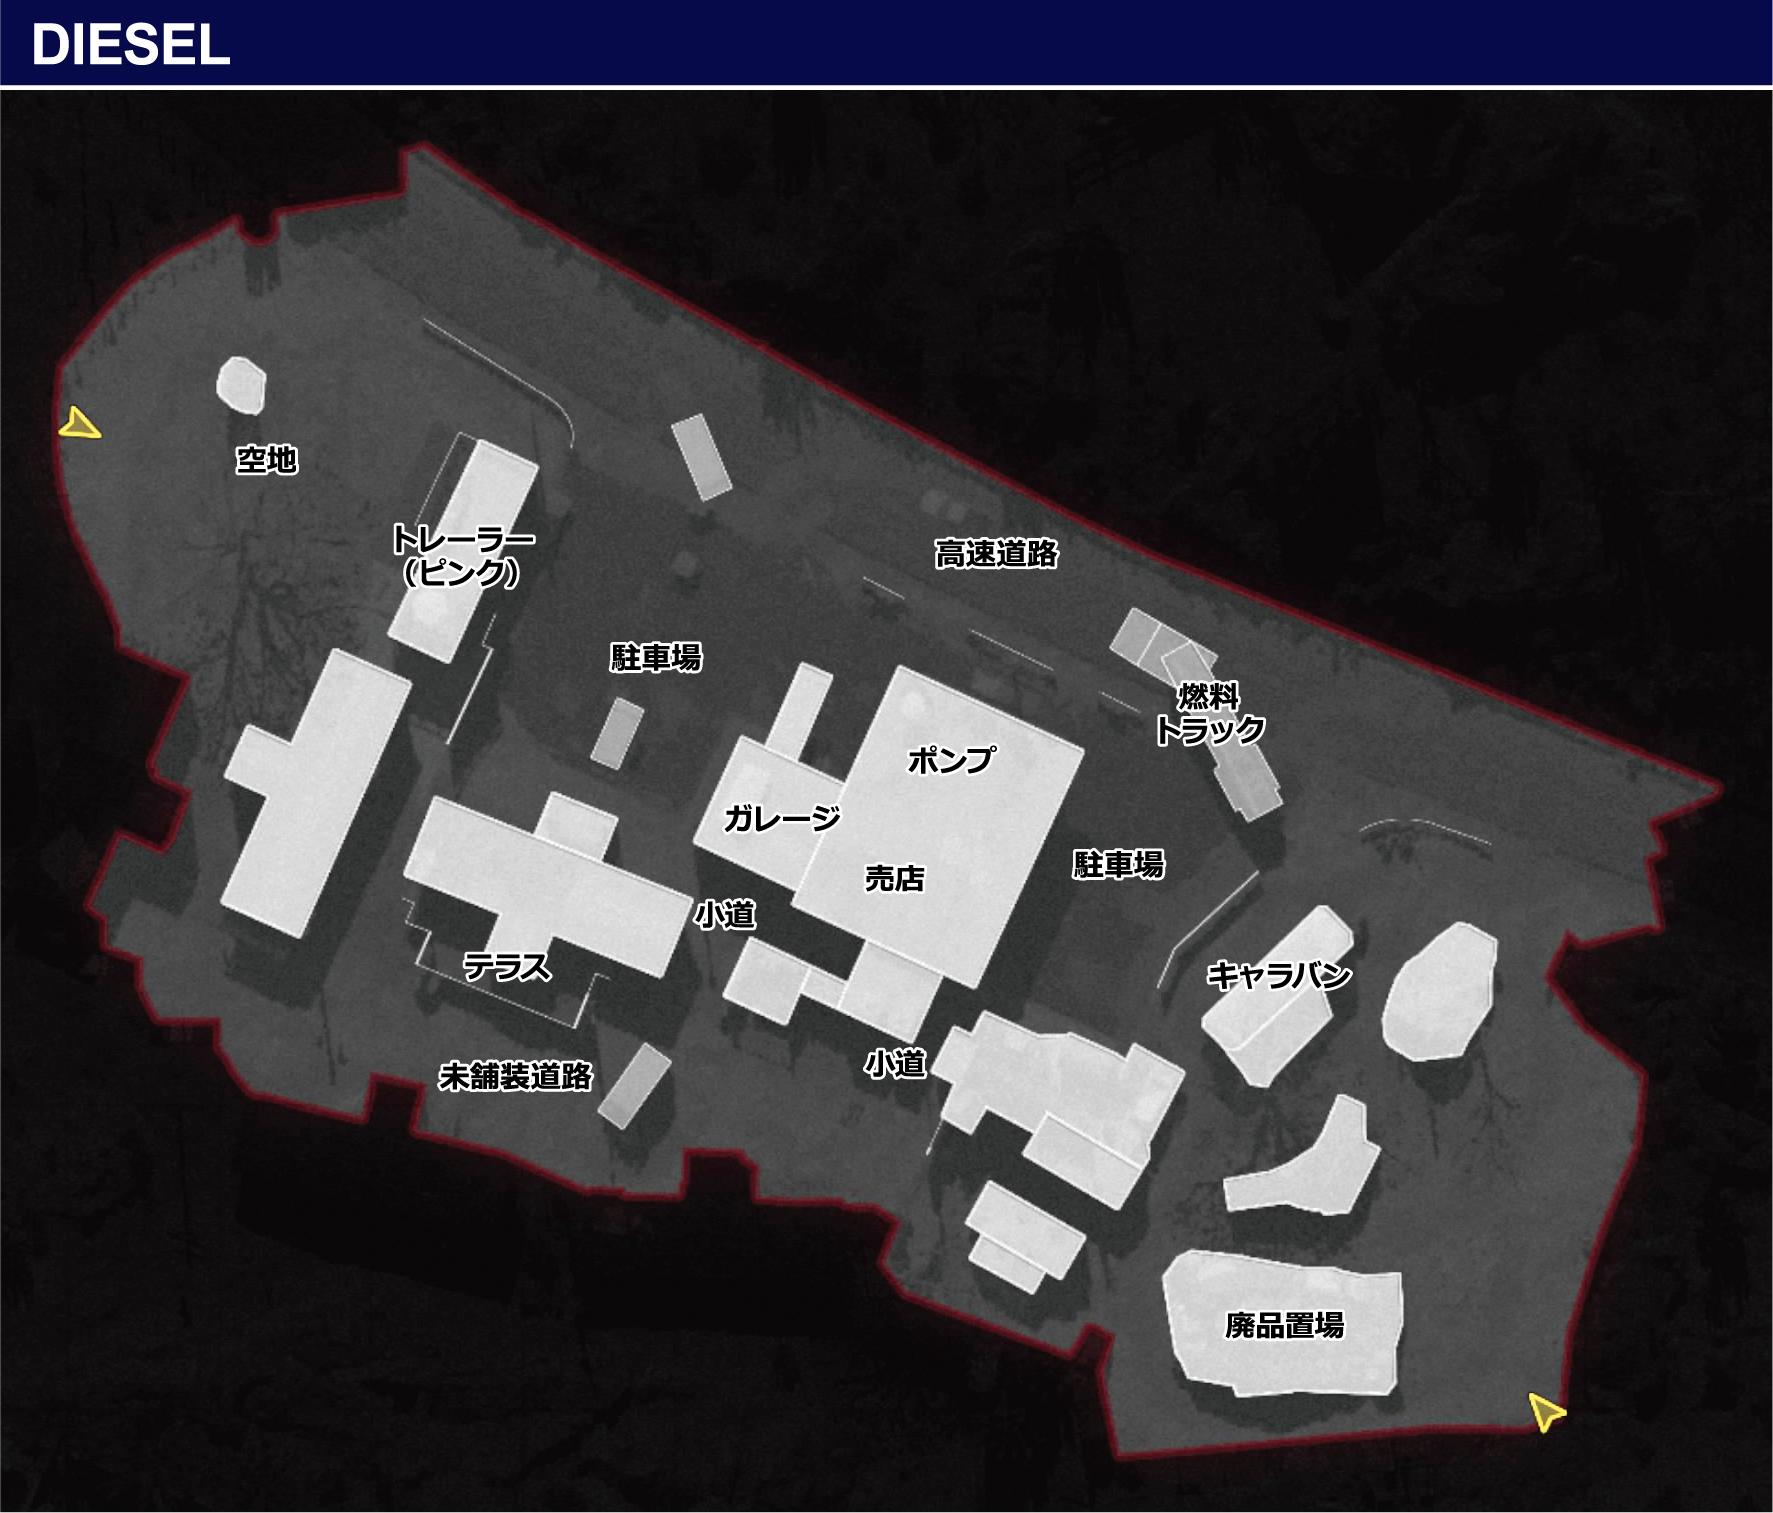 DIESEL-map